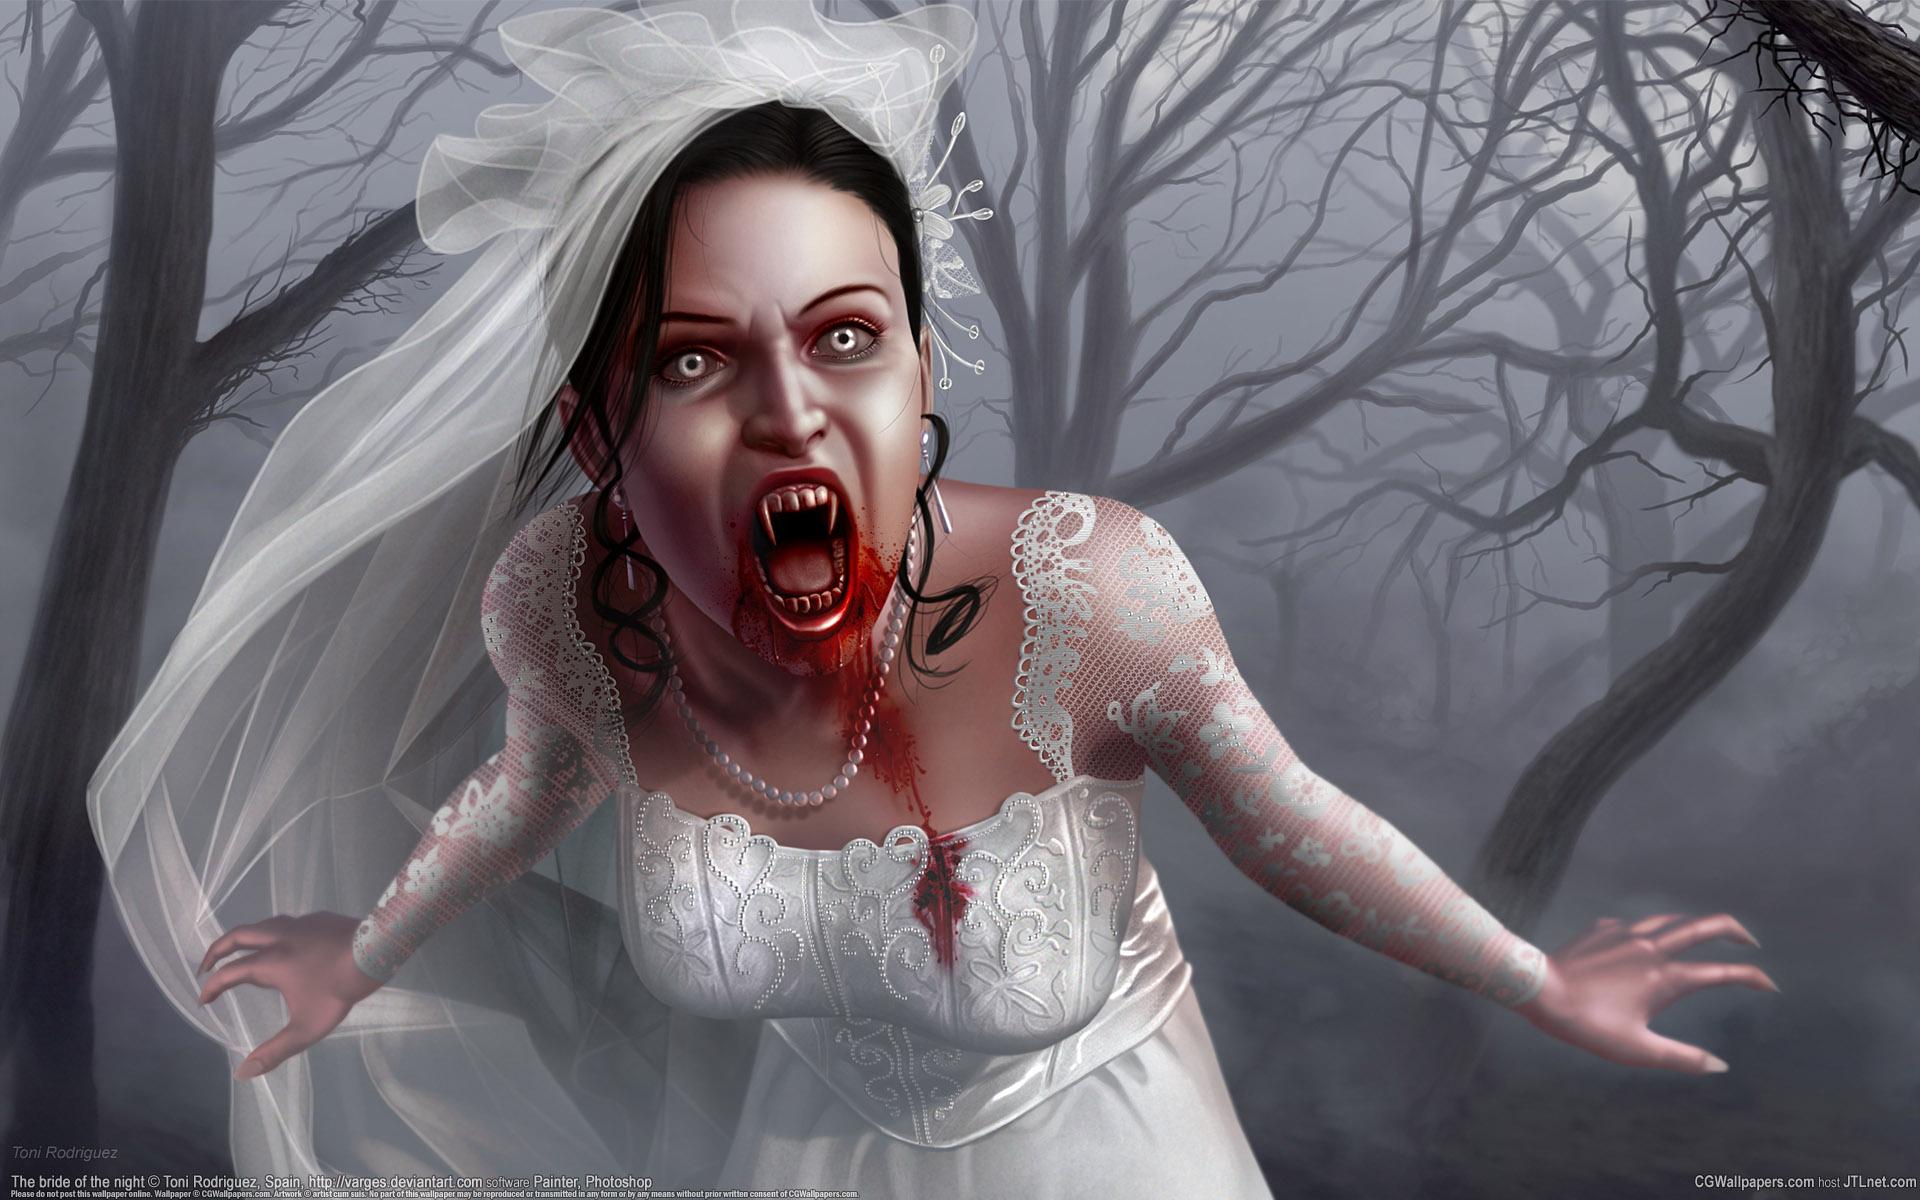 Невеста вампир, пьет кровь, скачать фото, обои для рабочего стола